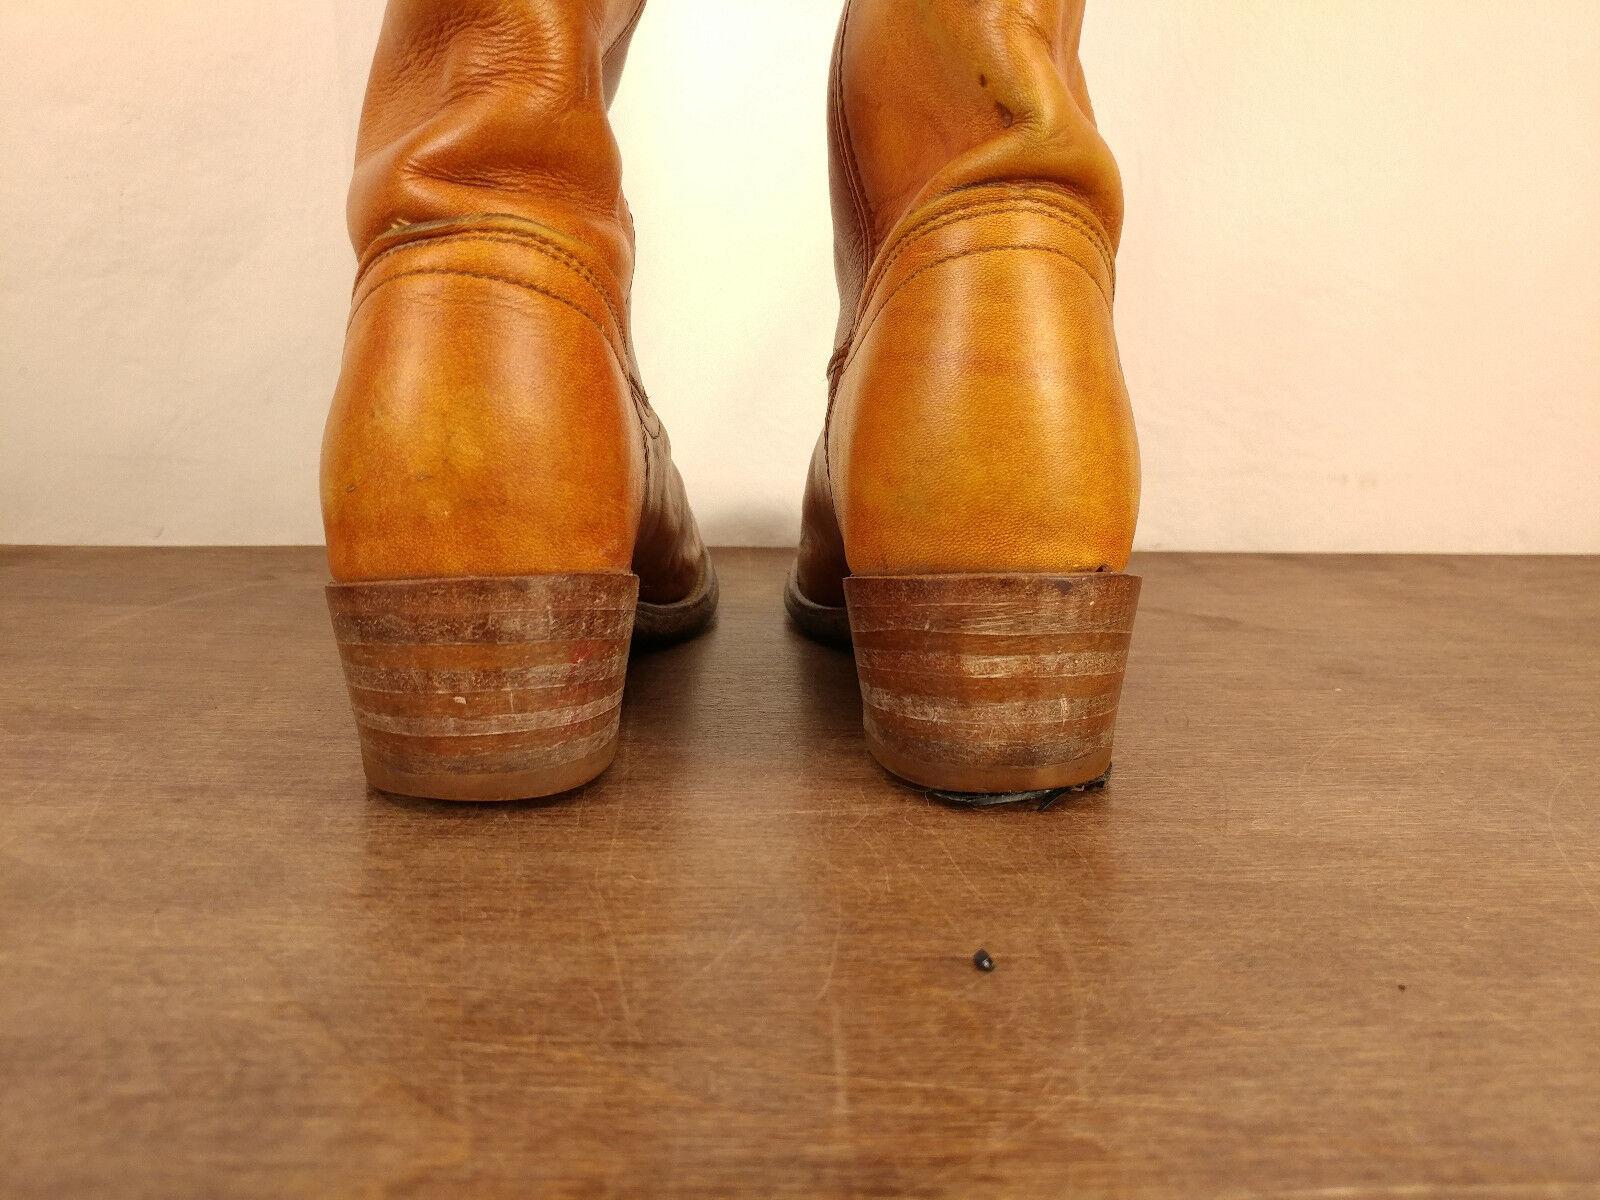 De Colección Colección Colección mujeres de cuero del montar a caballo Frye campus Silla De Montar Alto marrón botas talla 6.5 B 628287